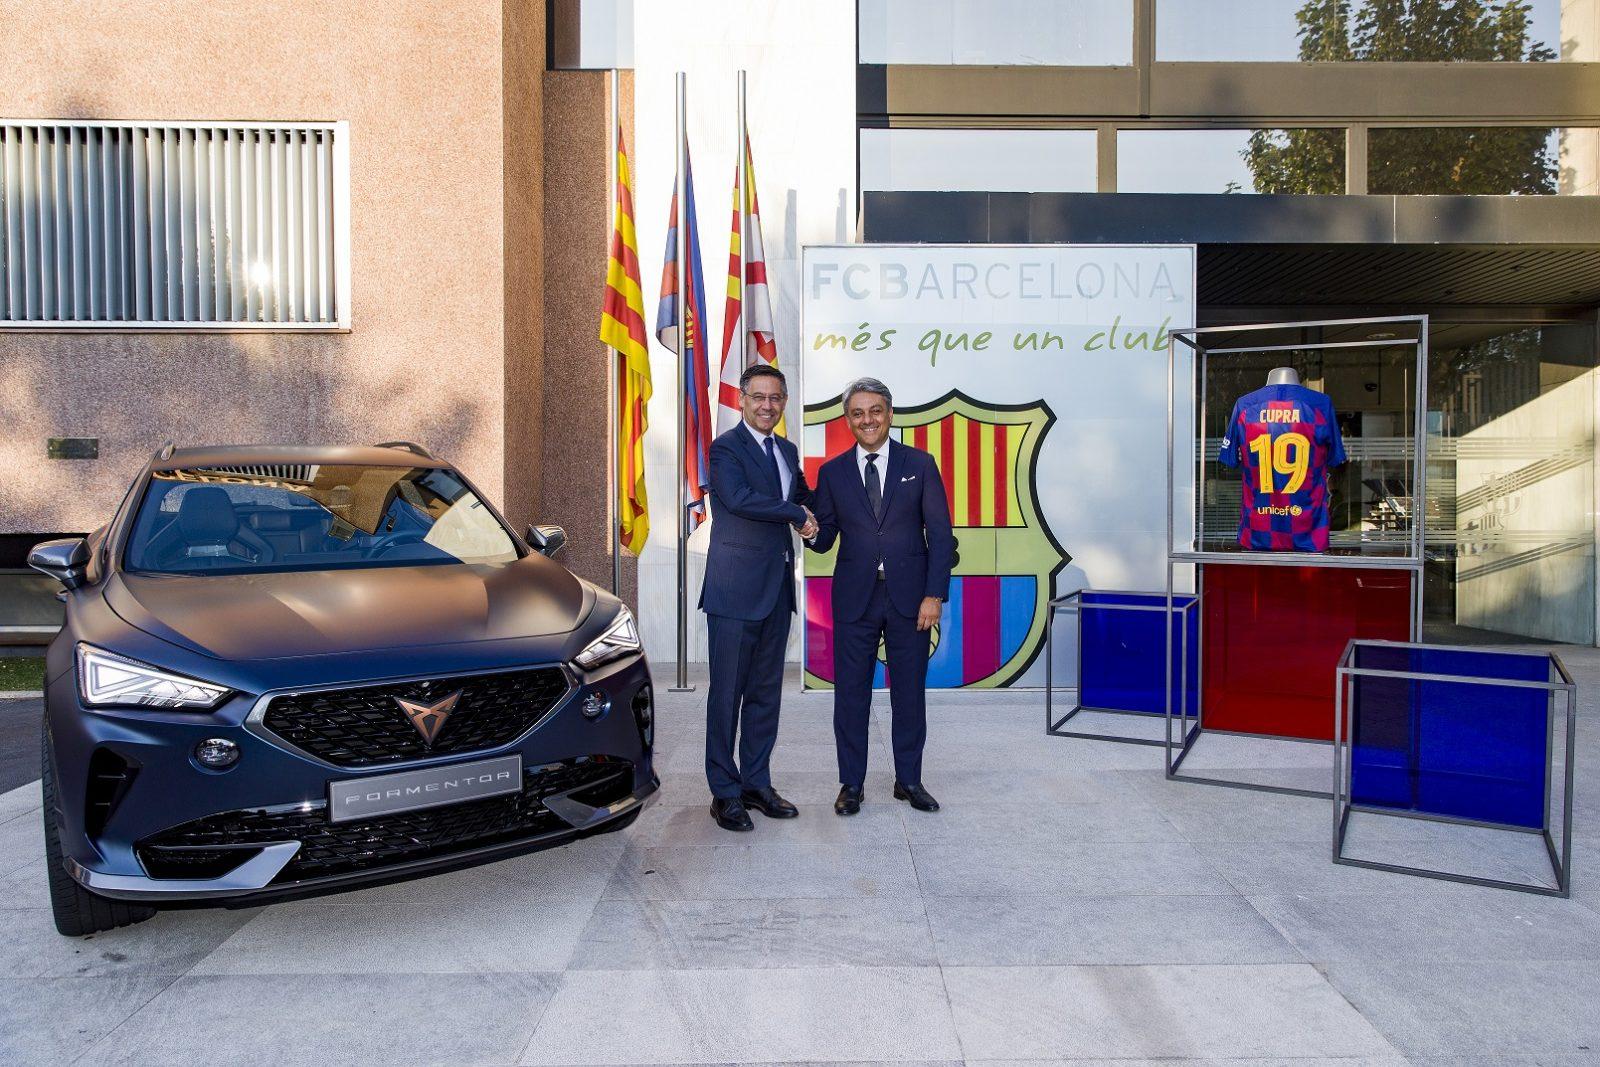 CUPRA e FC Barcelona, aliança